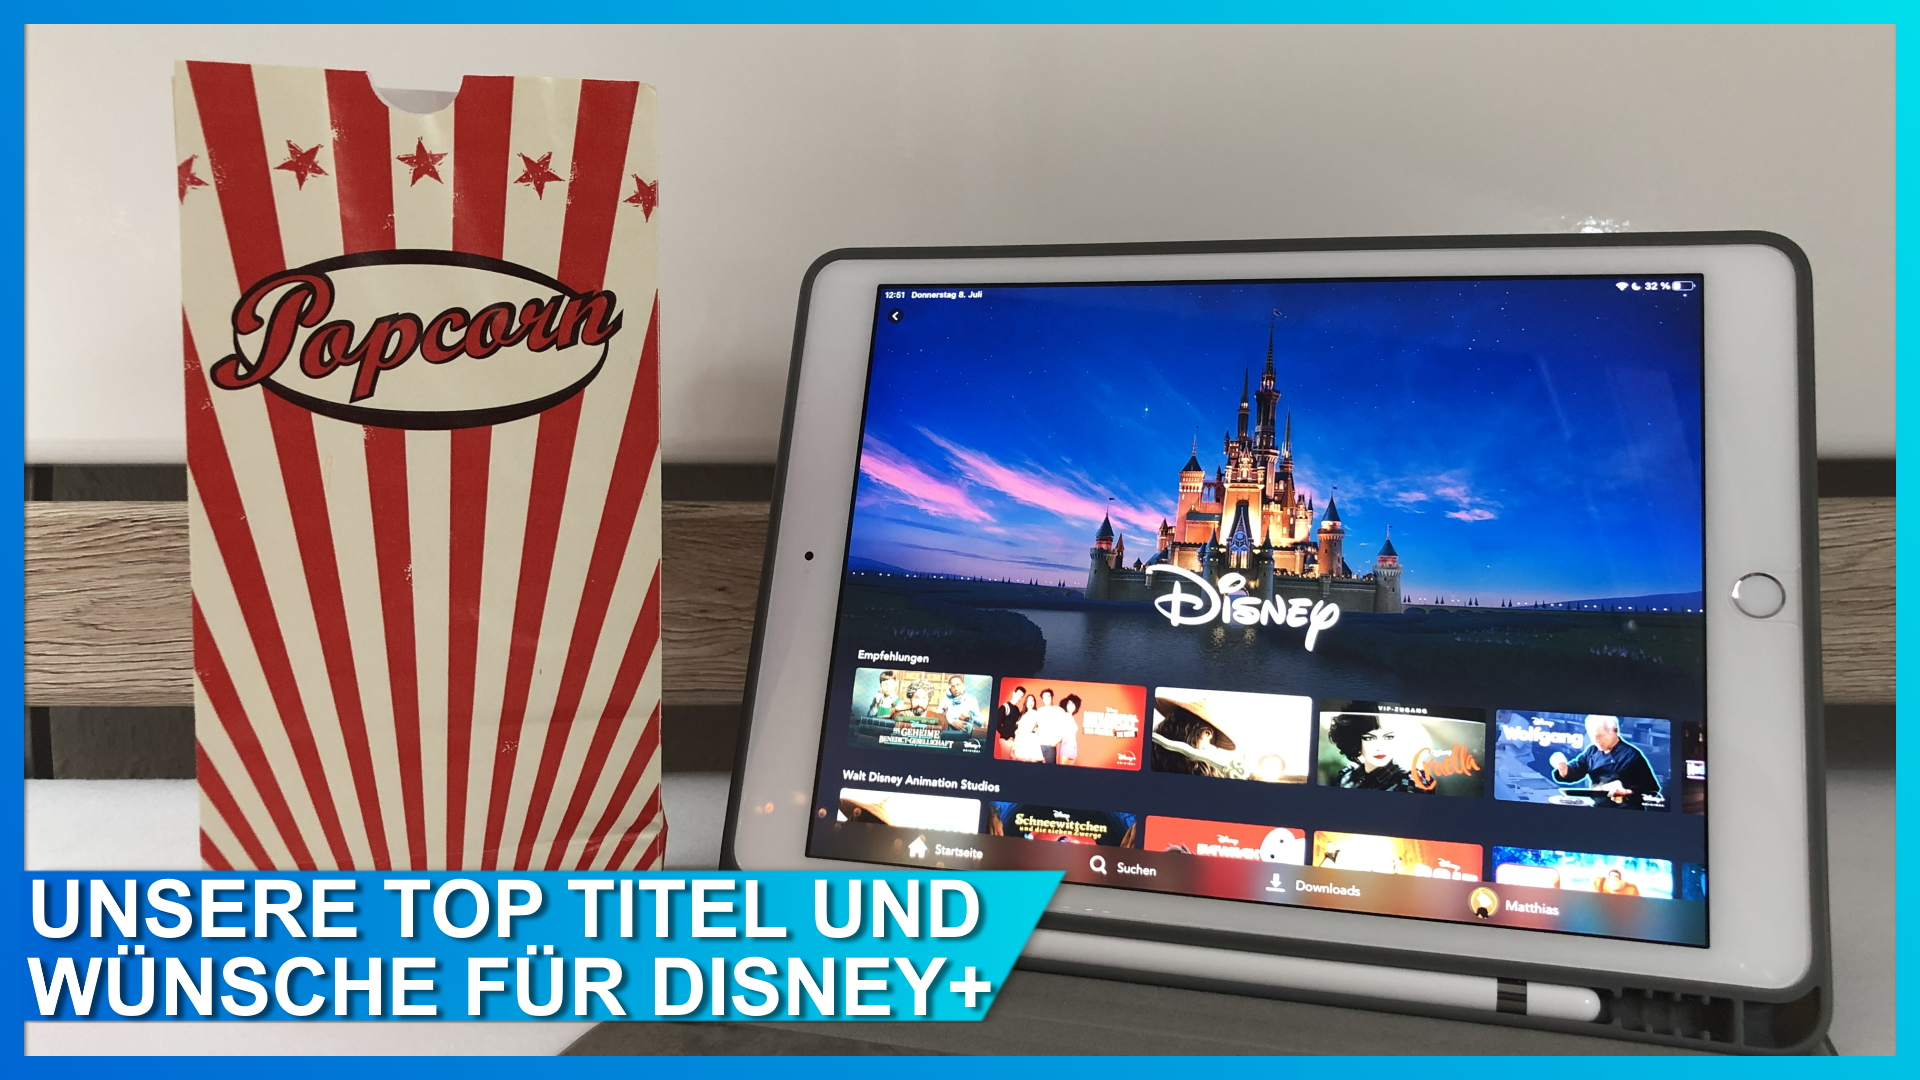 Disney+: Unsere Top Titel und unsere Wunschliste